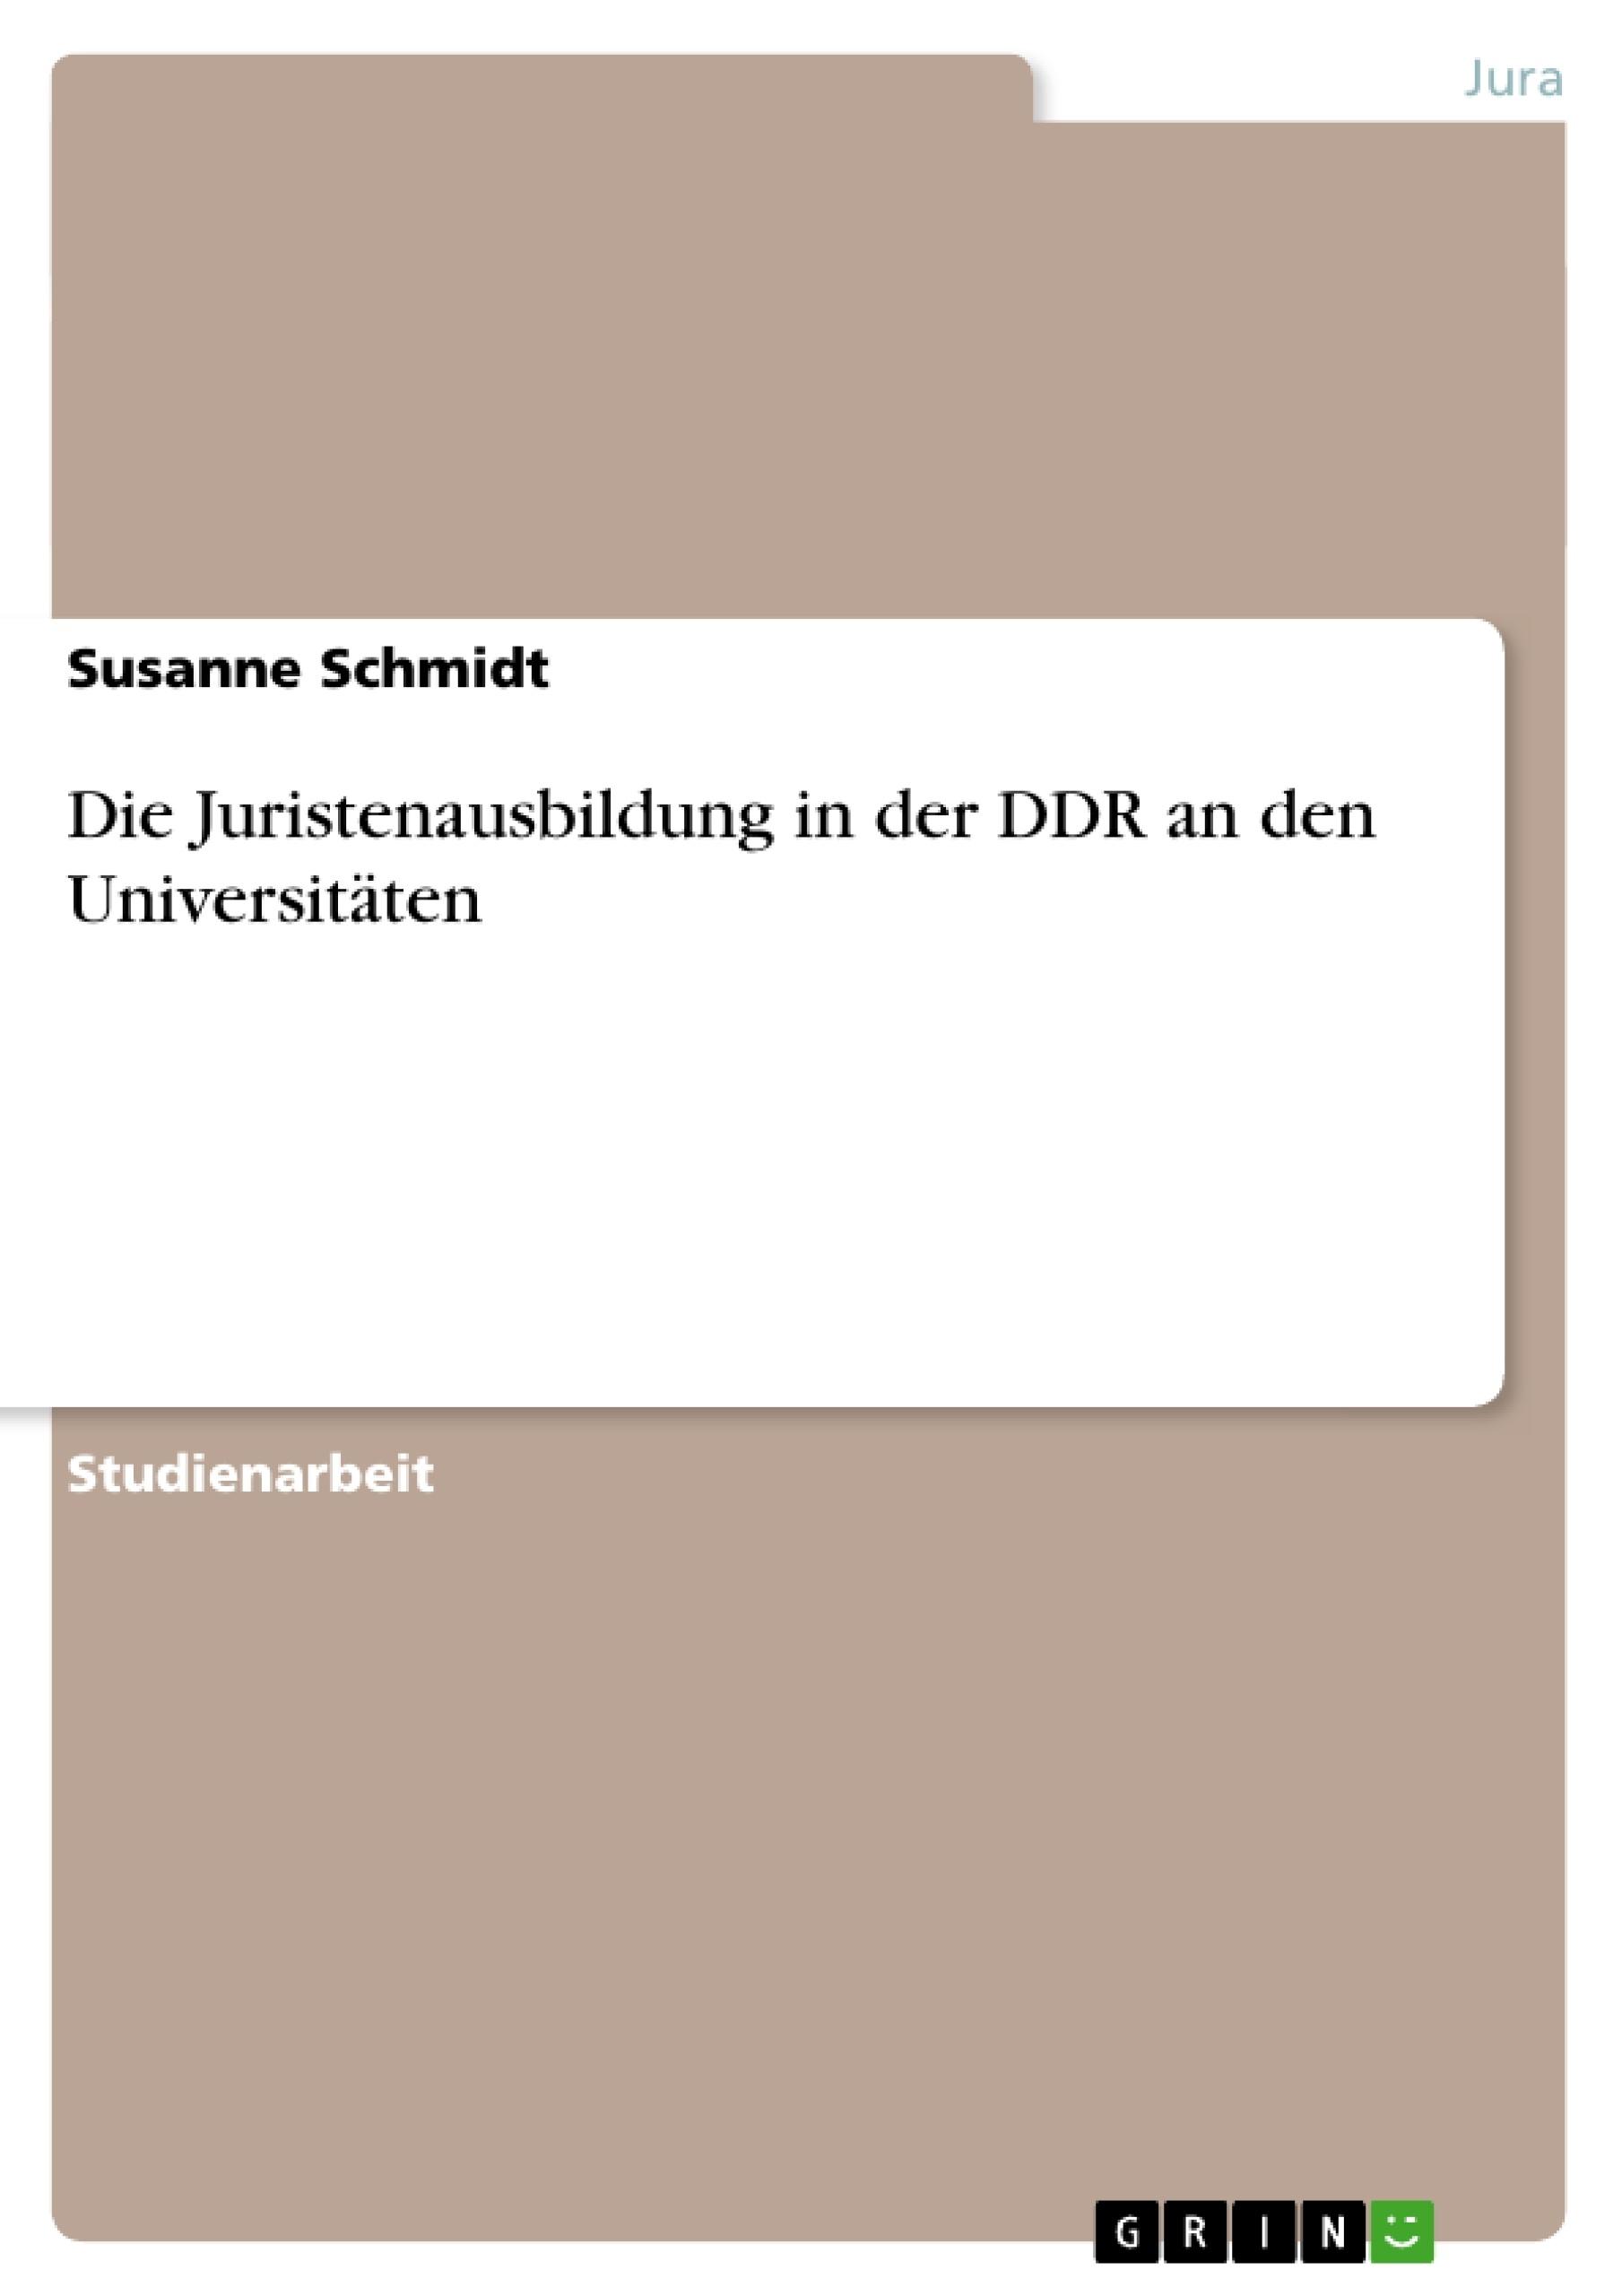 Titel: Die Juristenausbildung in der DDR an den Universitäten